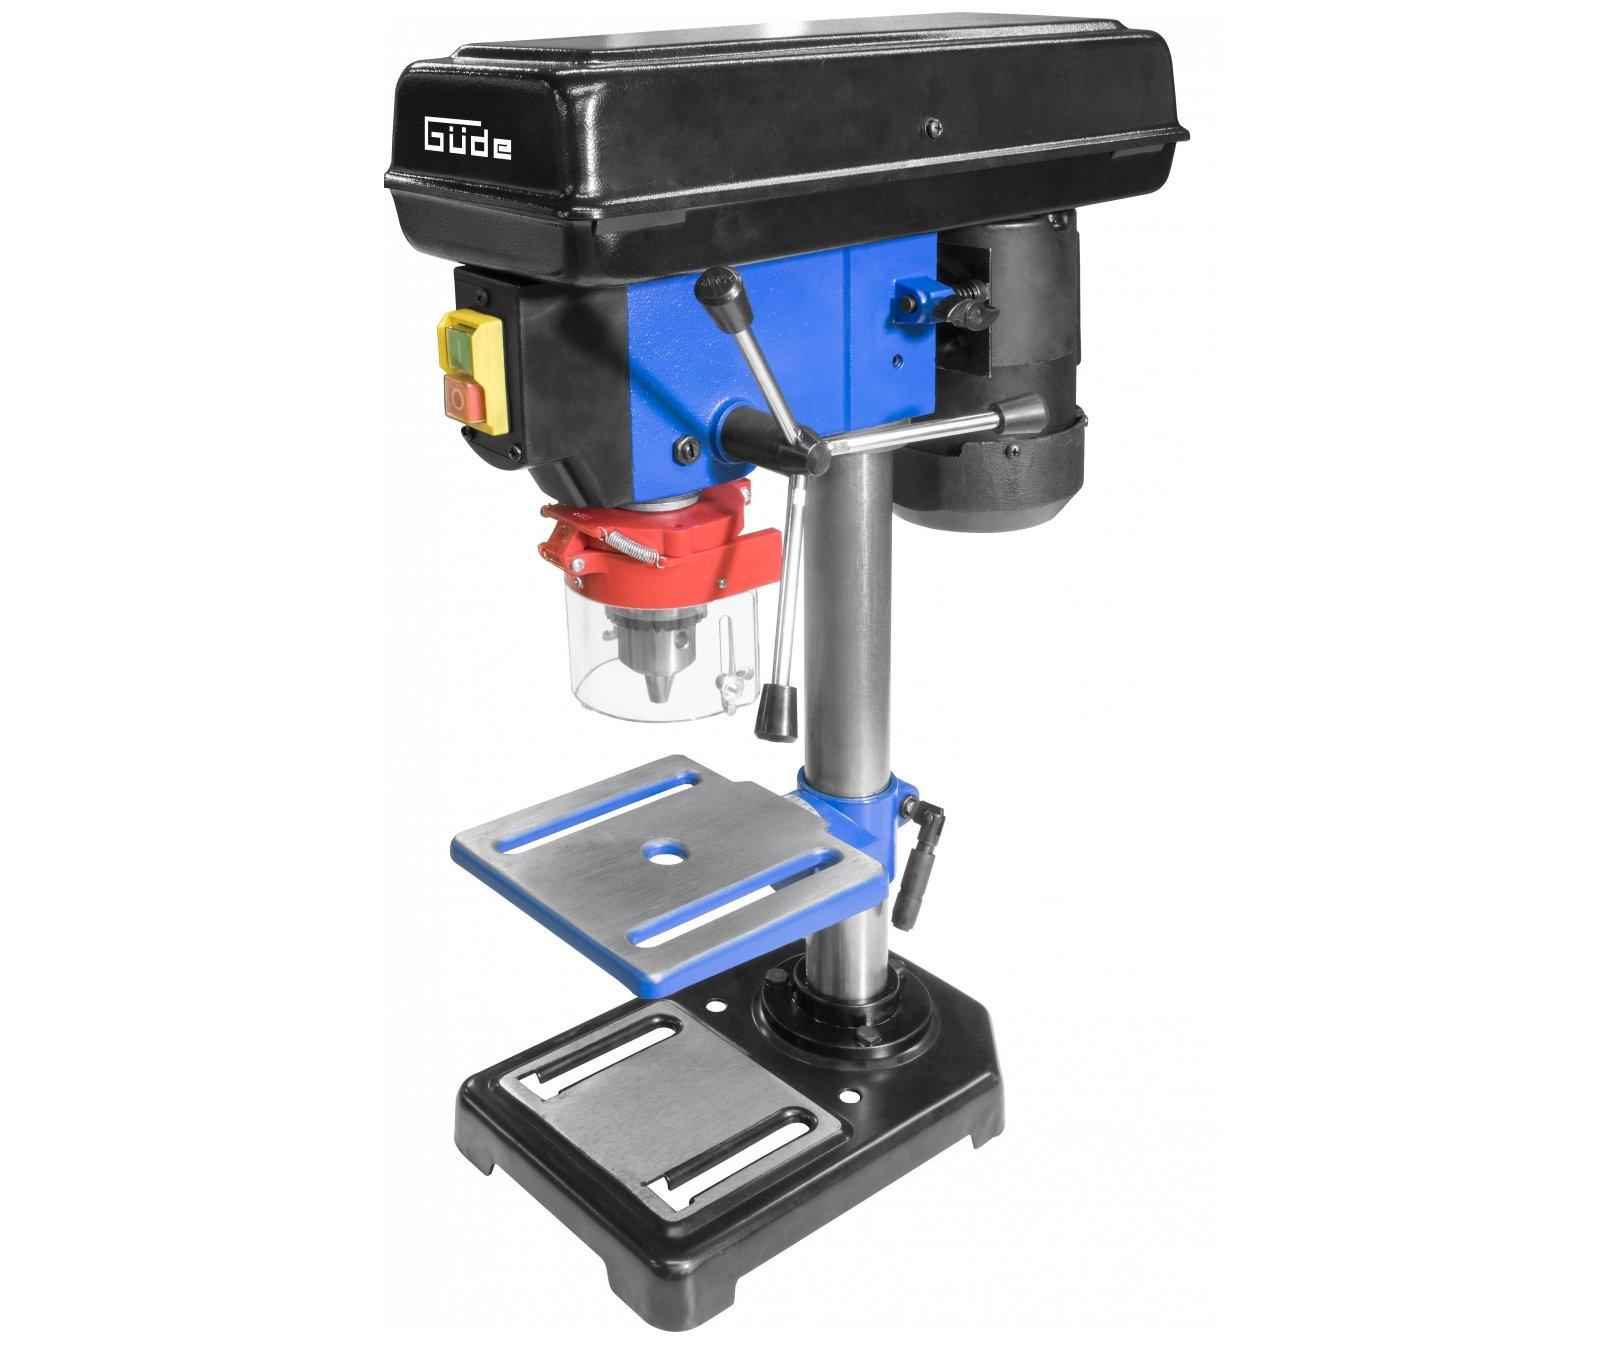 Güde GTB 16/550 stojanová vrtačka s laserem a svěrákem